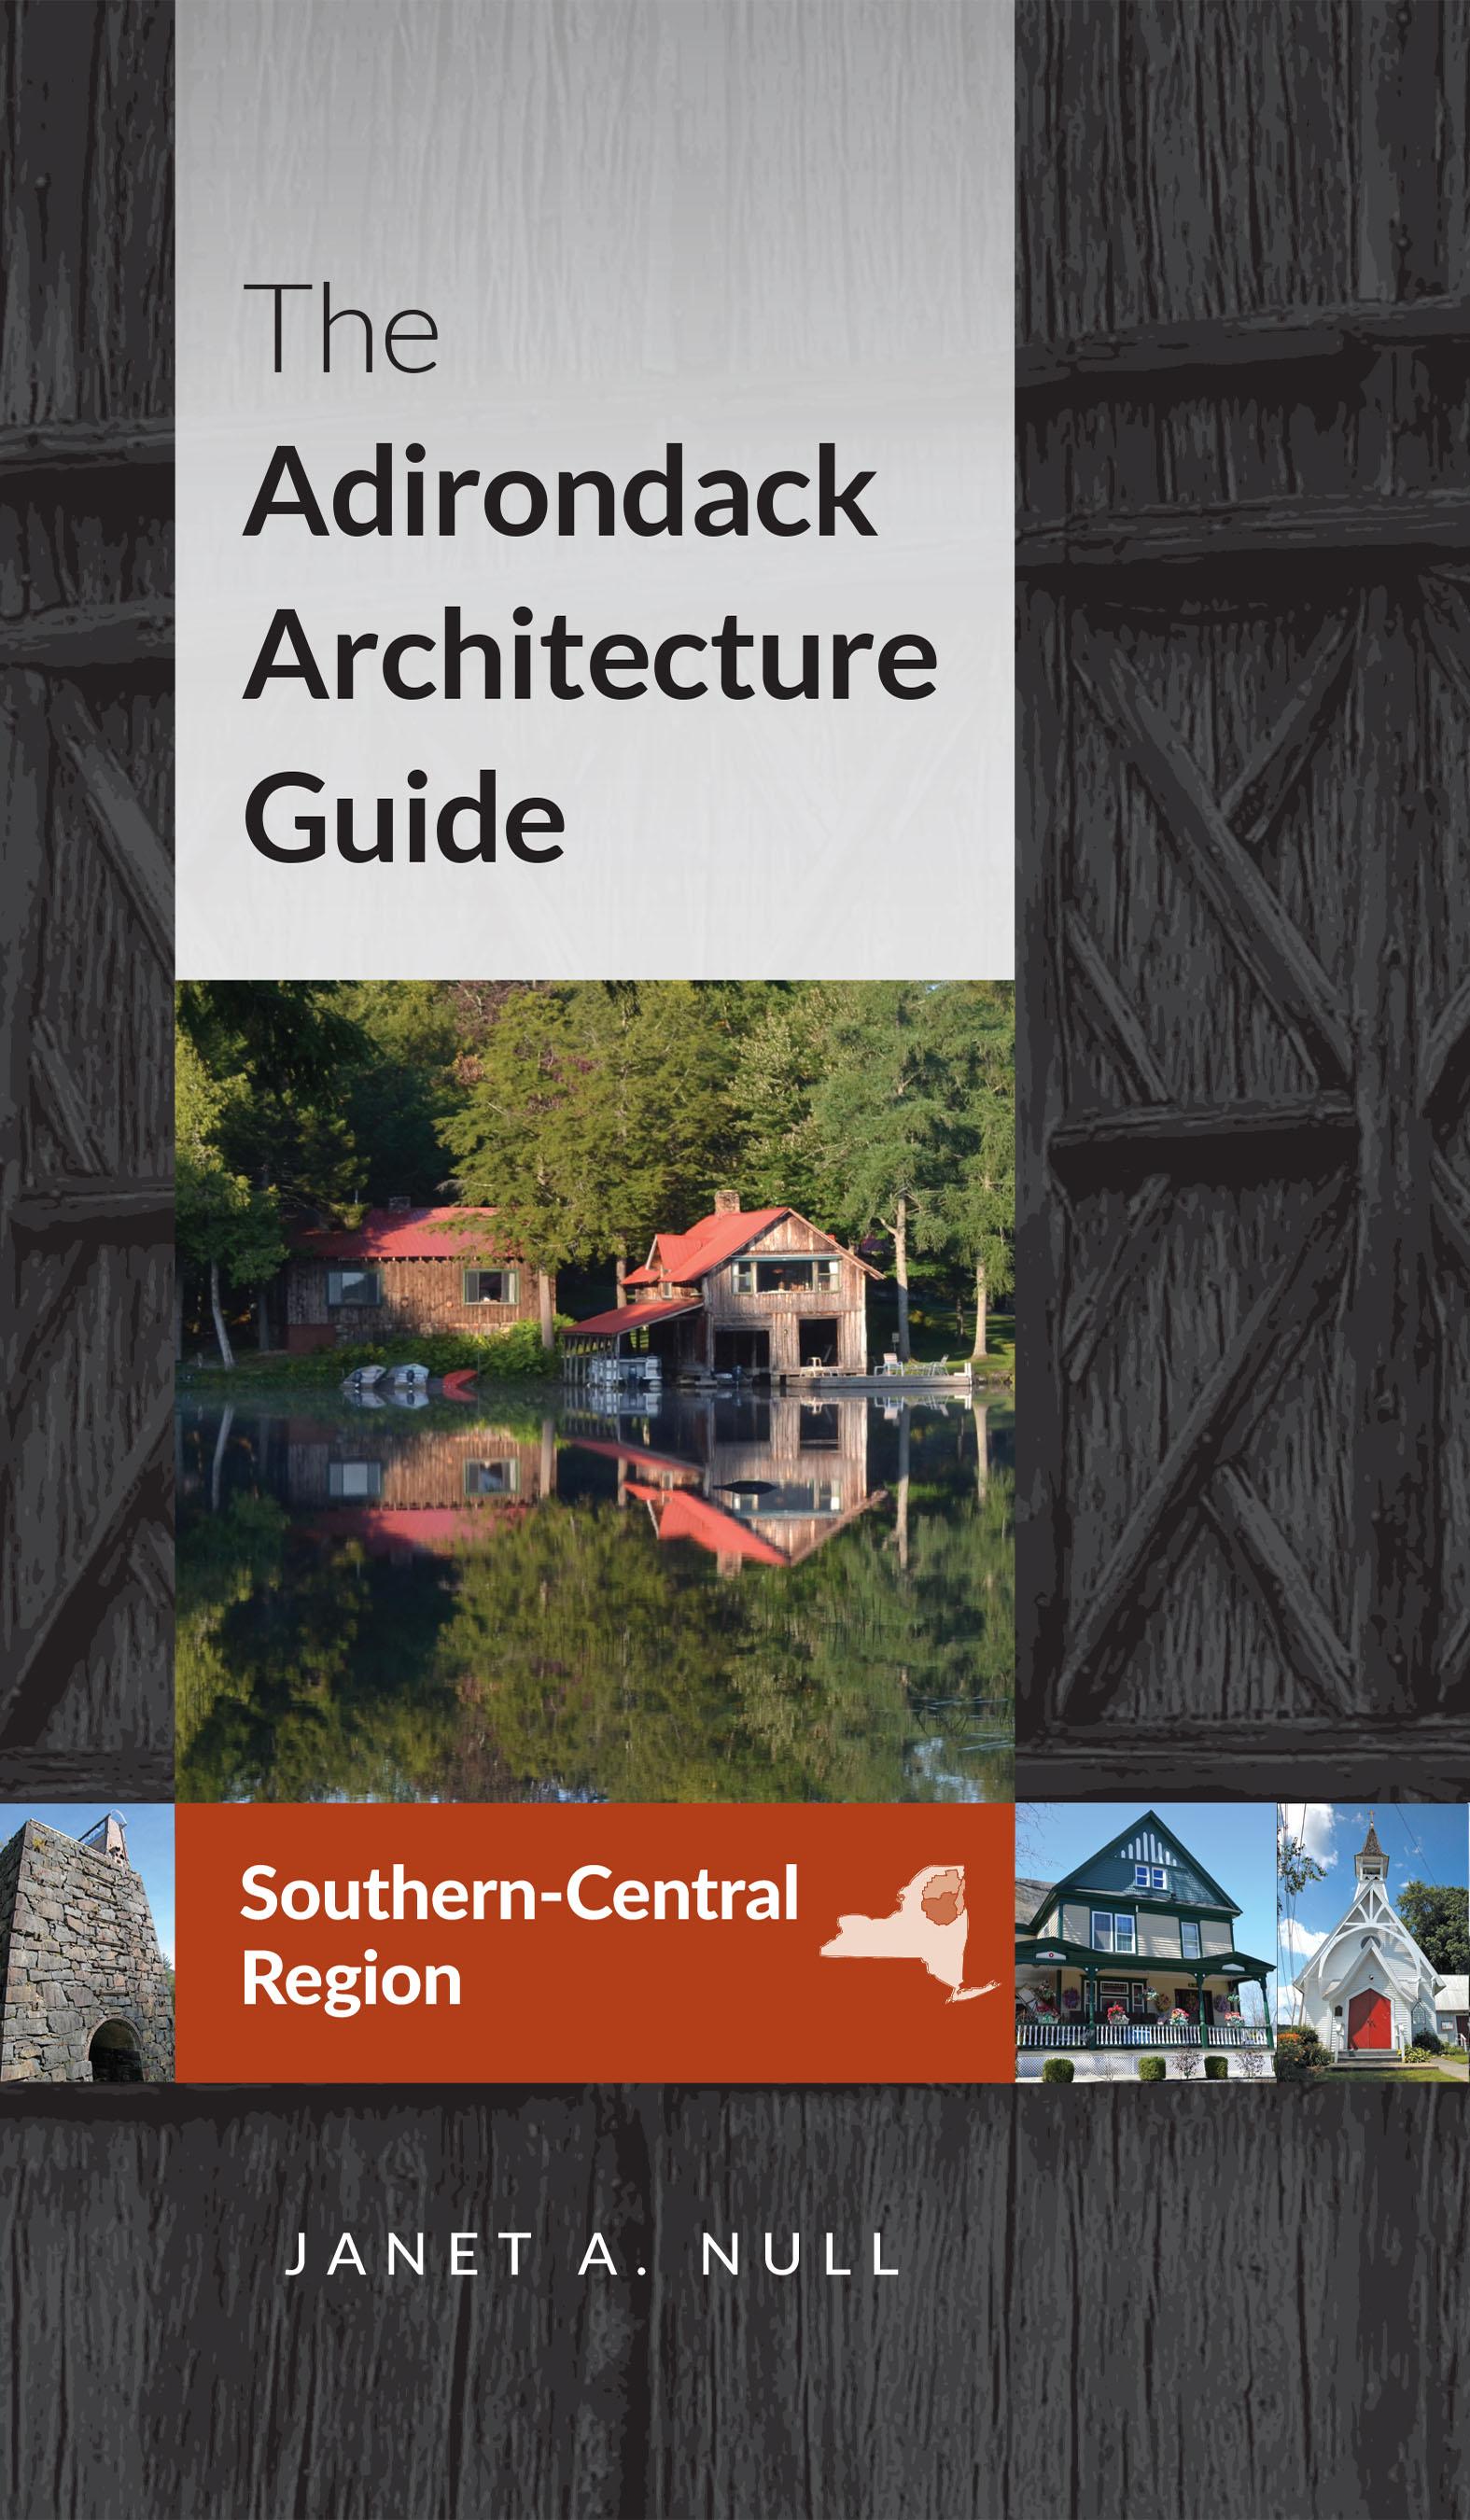 Adirondack Architecture Guide Book Cover